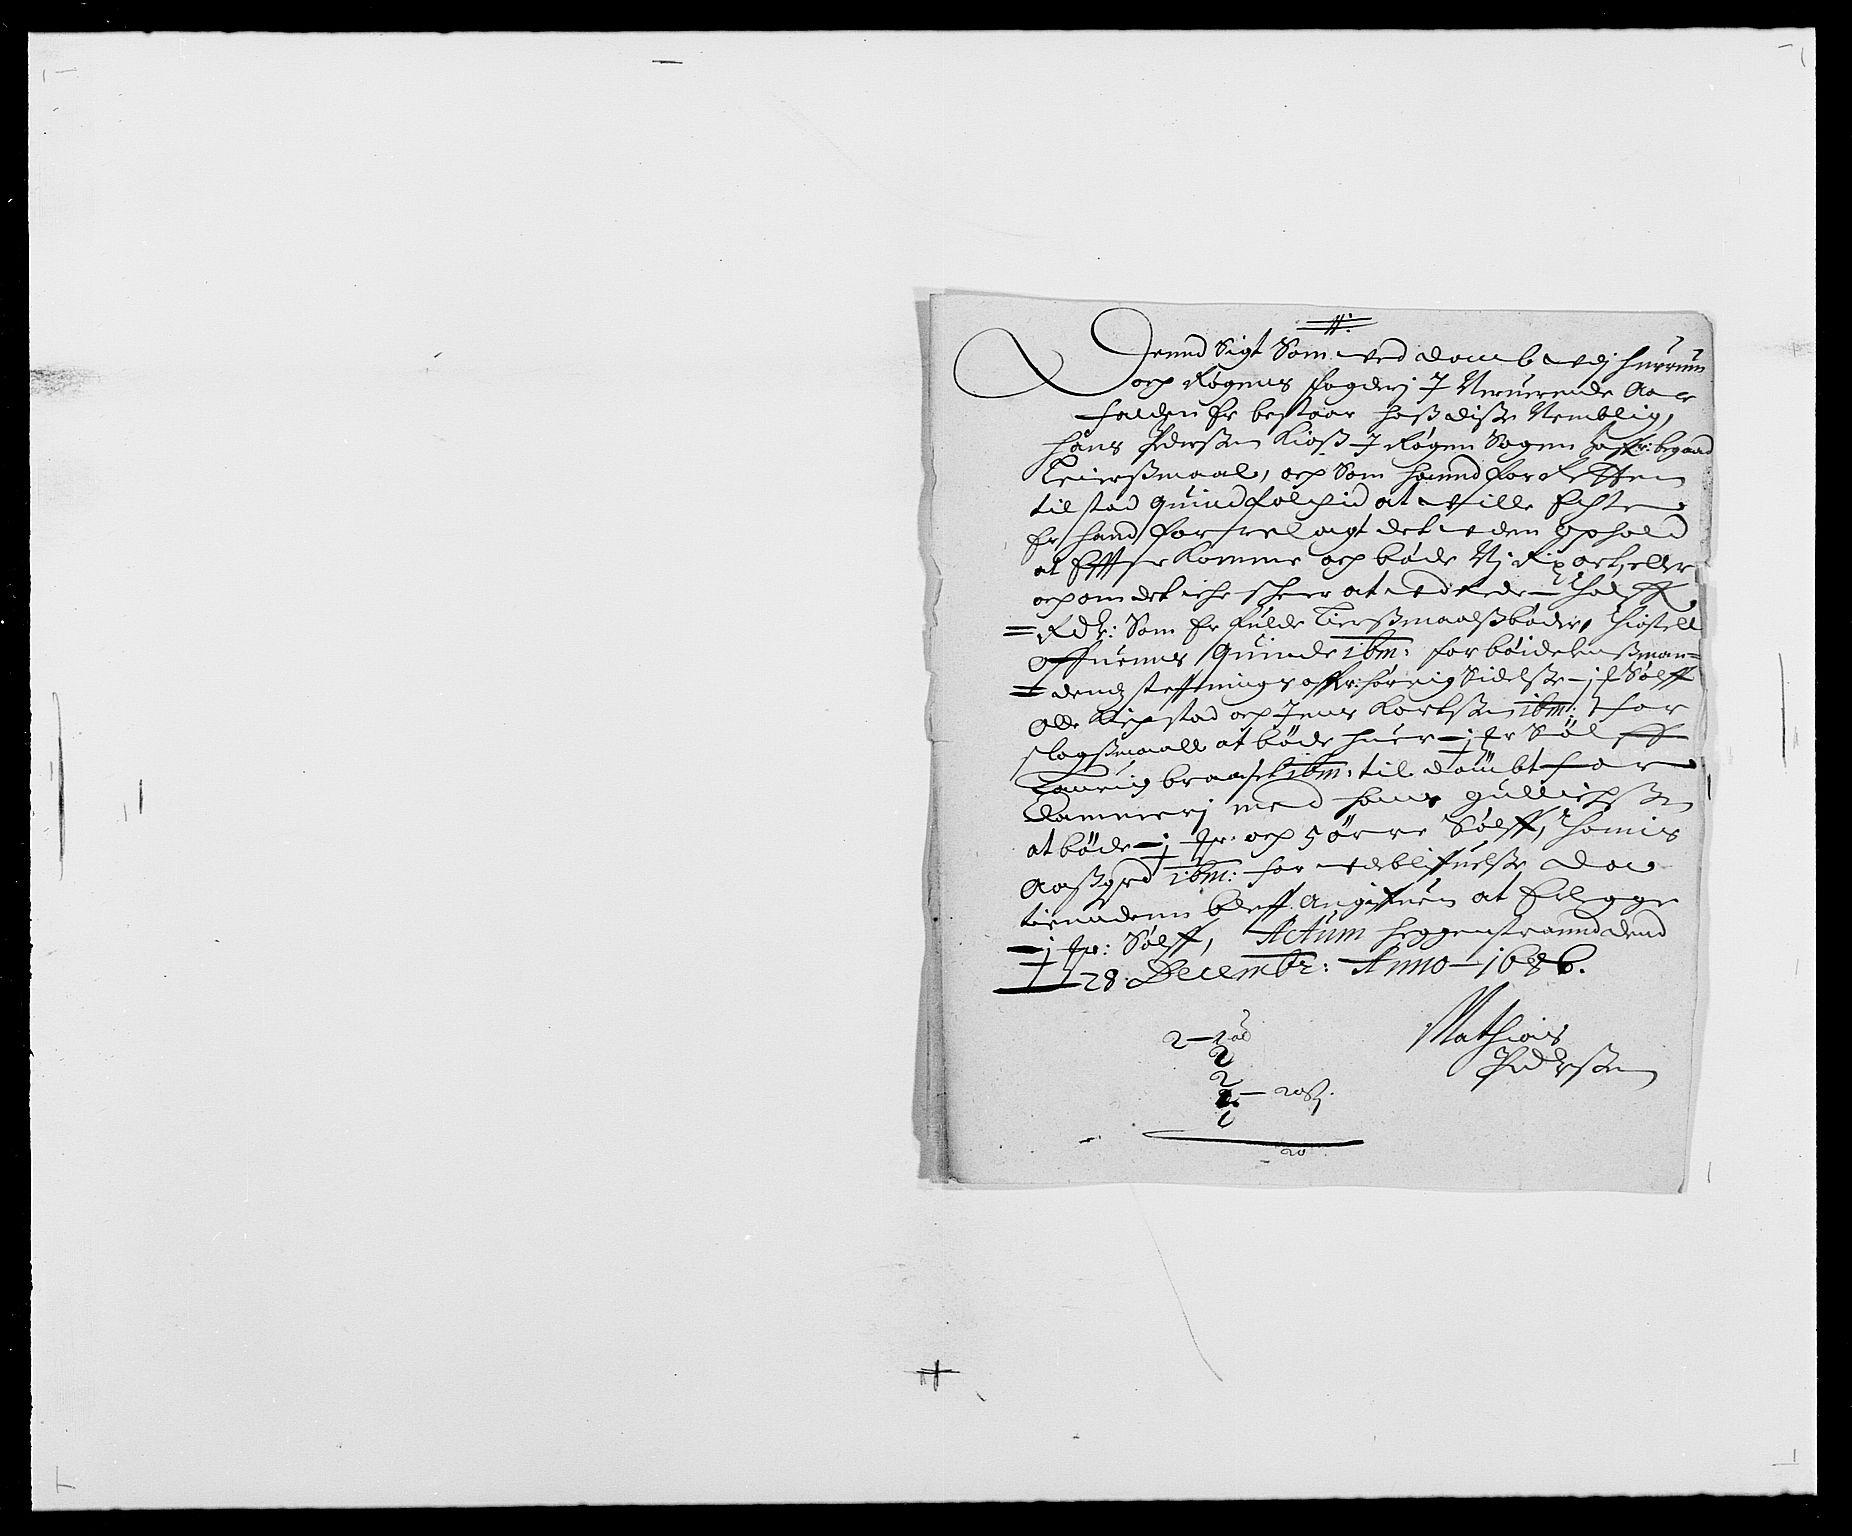 RA, Rentekammeret inntil 1814, Reviderte regnskaper, Fogderegnskap, R29/L1692: Fogderegnskap Hurum og Røyken, 1682-1687, s. 277